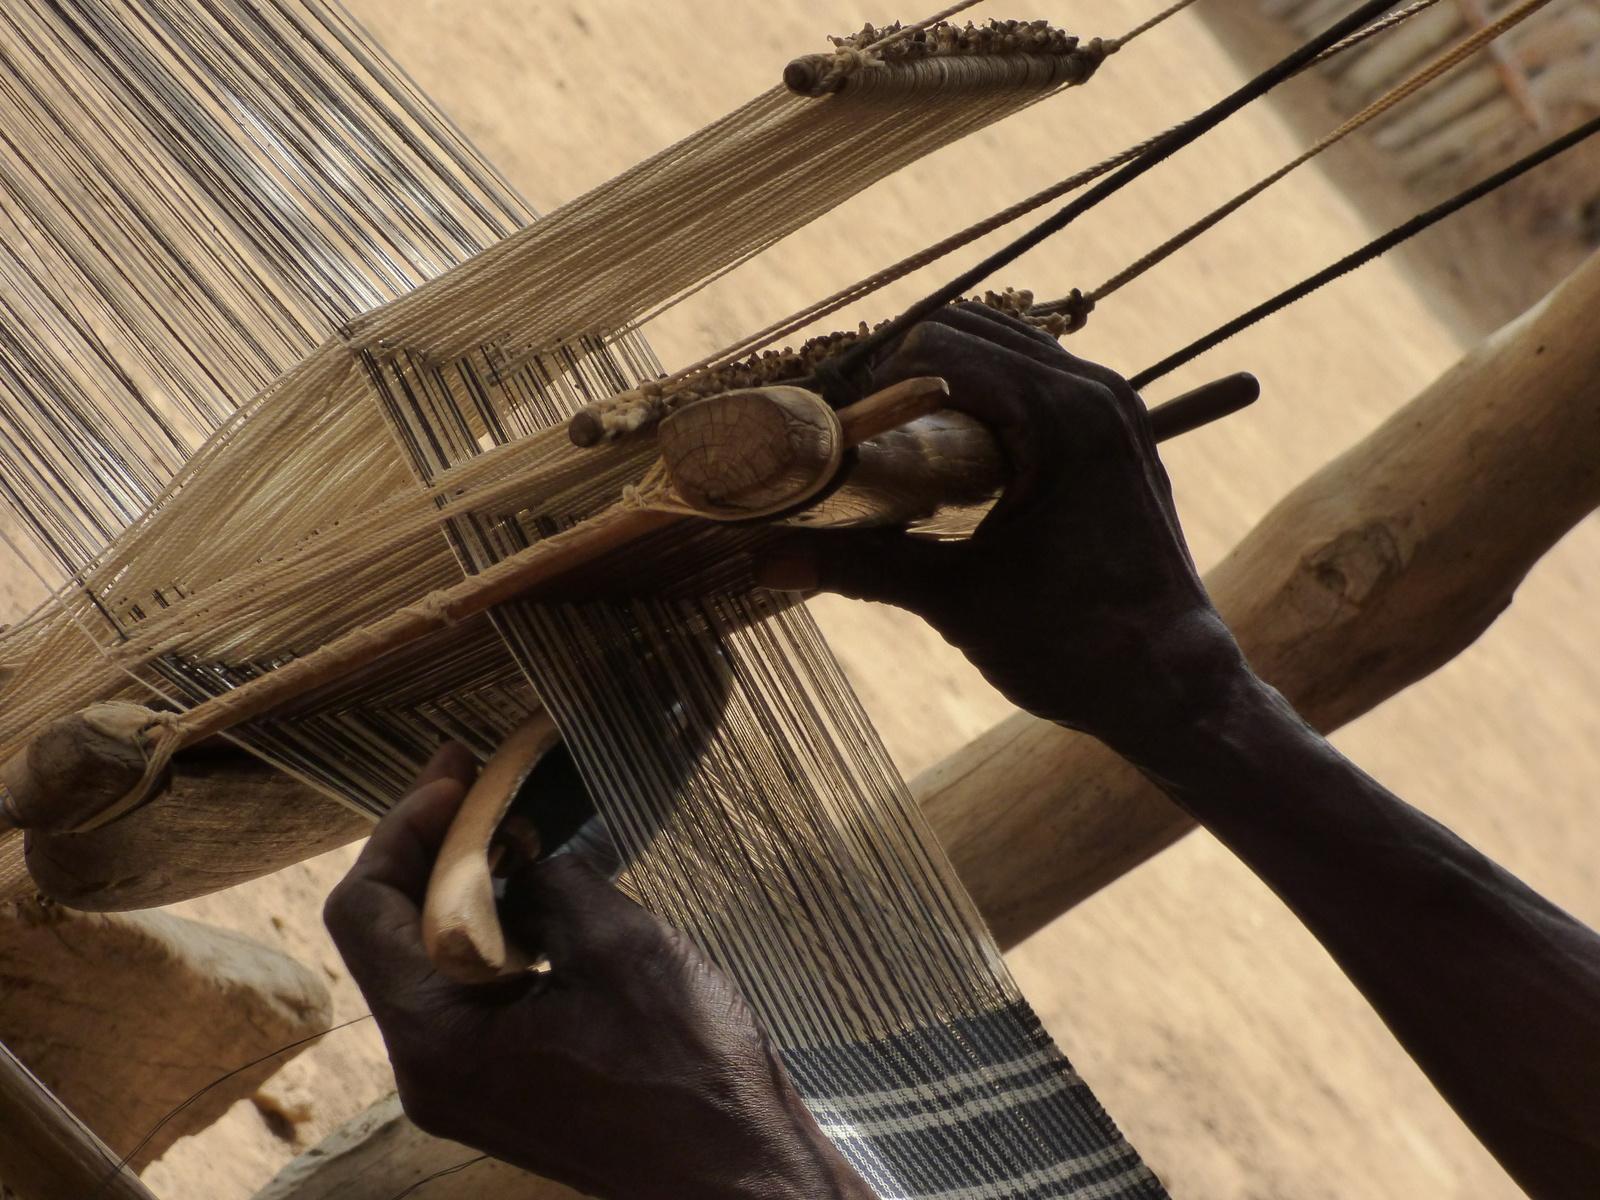 Gros plan sur les mains d'un tisserand Dioula, passant la navette à travers la trame du métier à tisser.